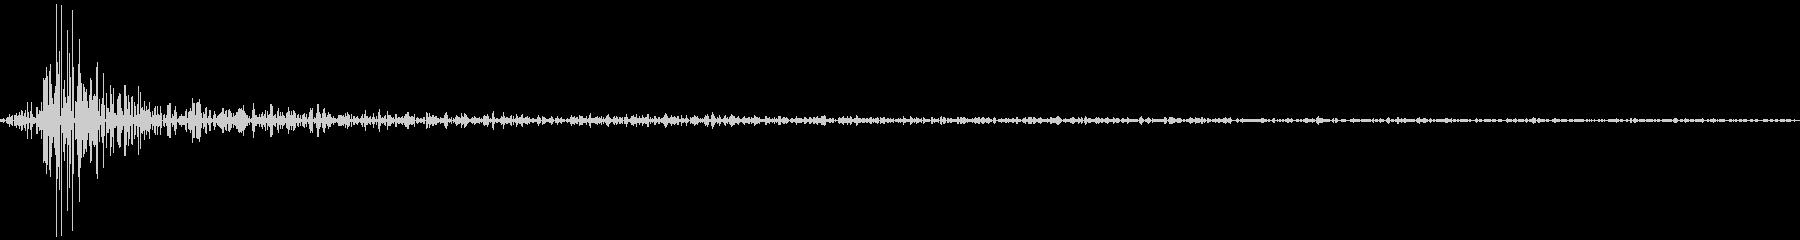 スイッチ 電気など  パチッの未再生の波形